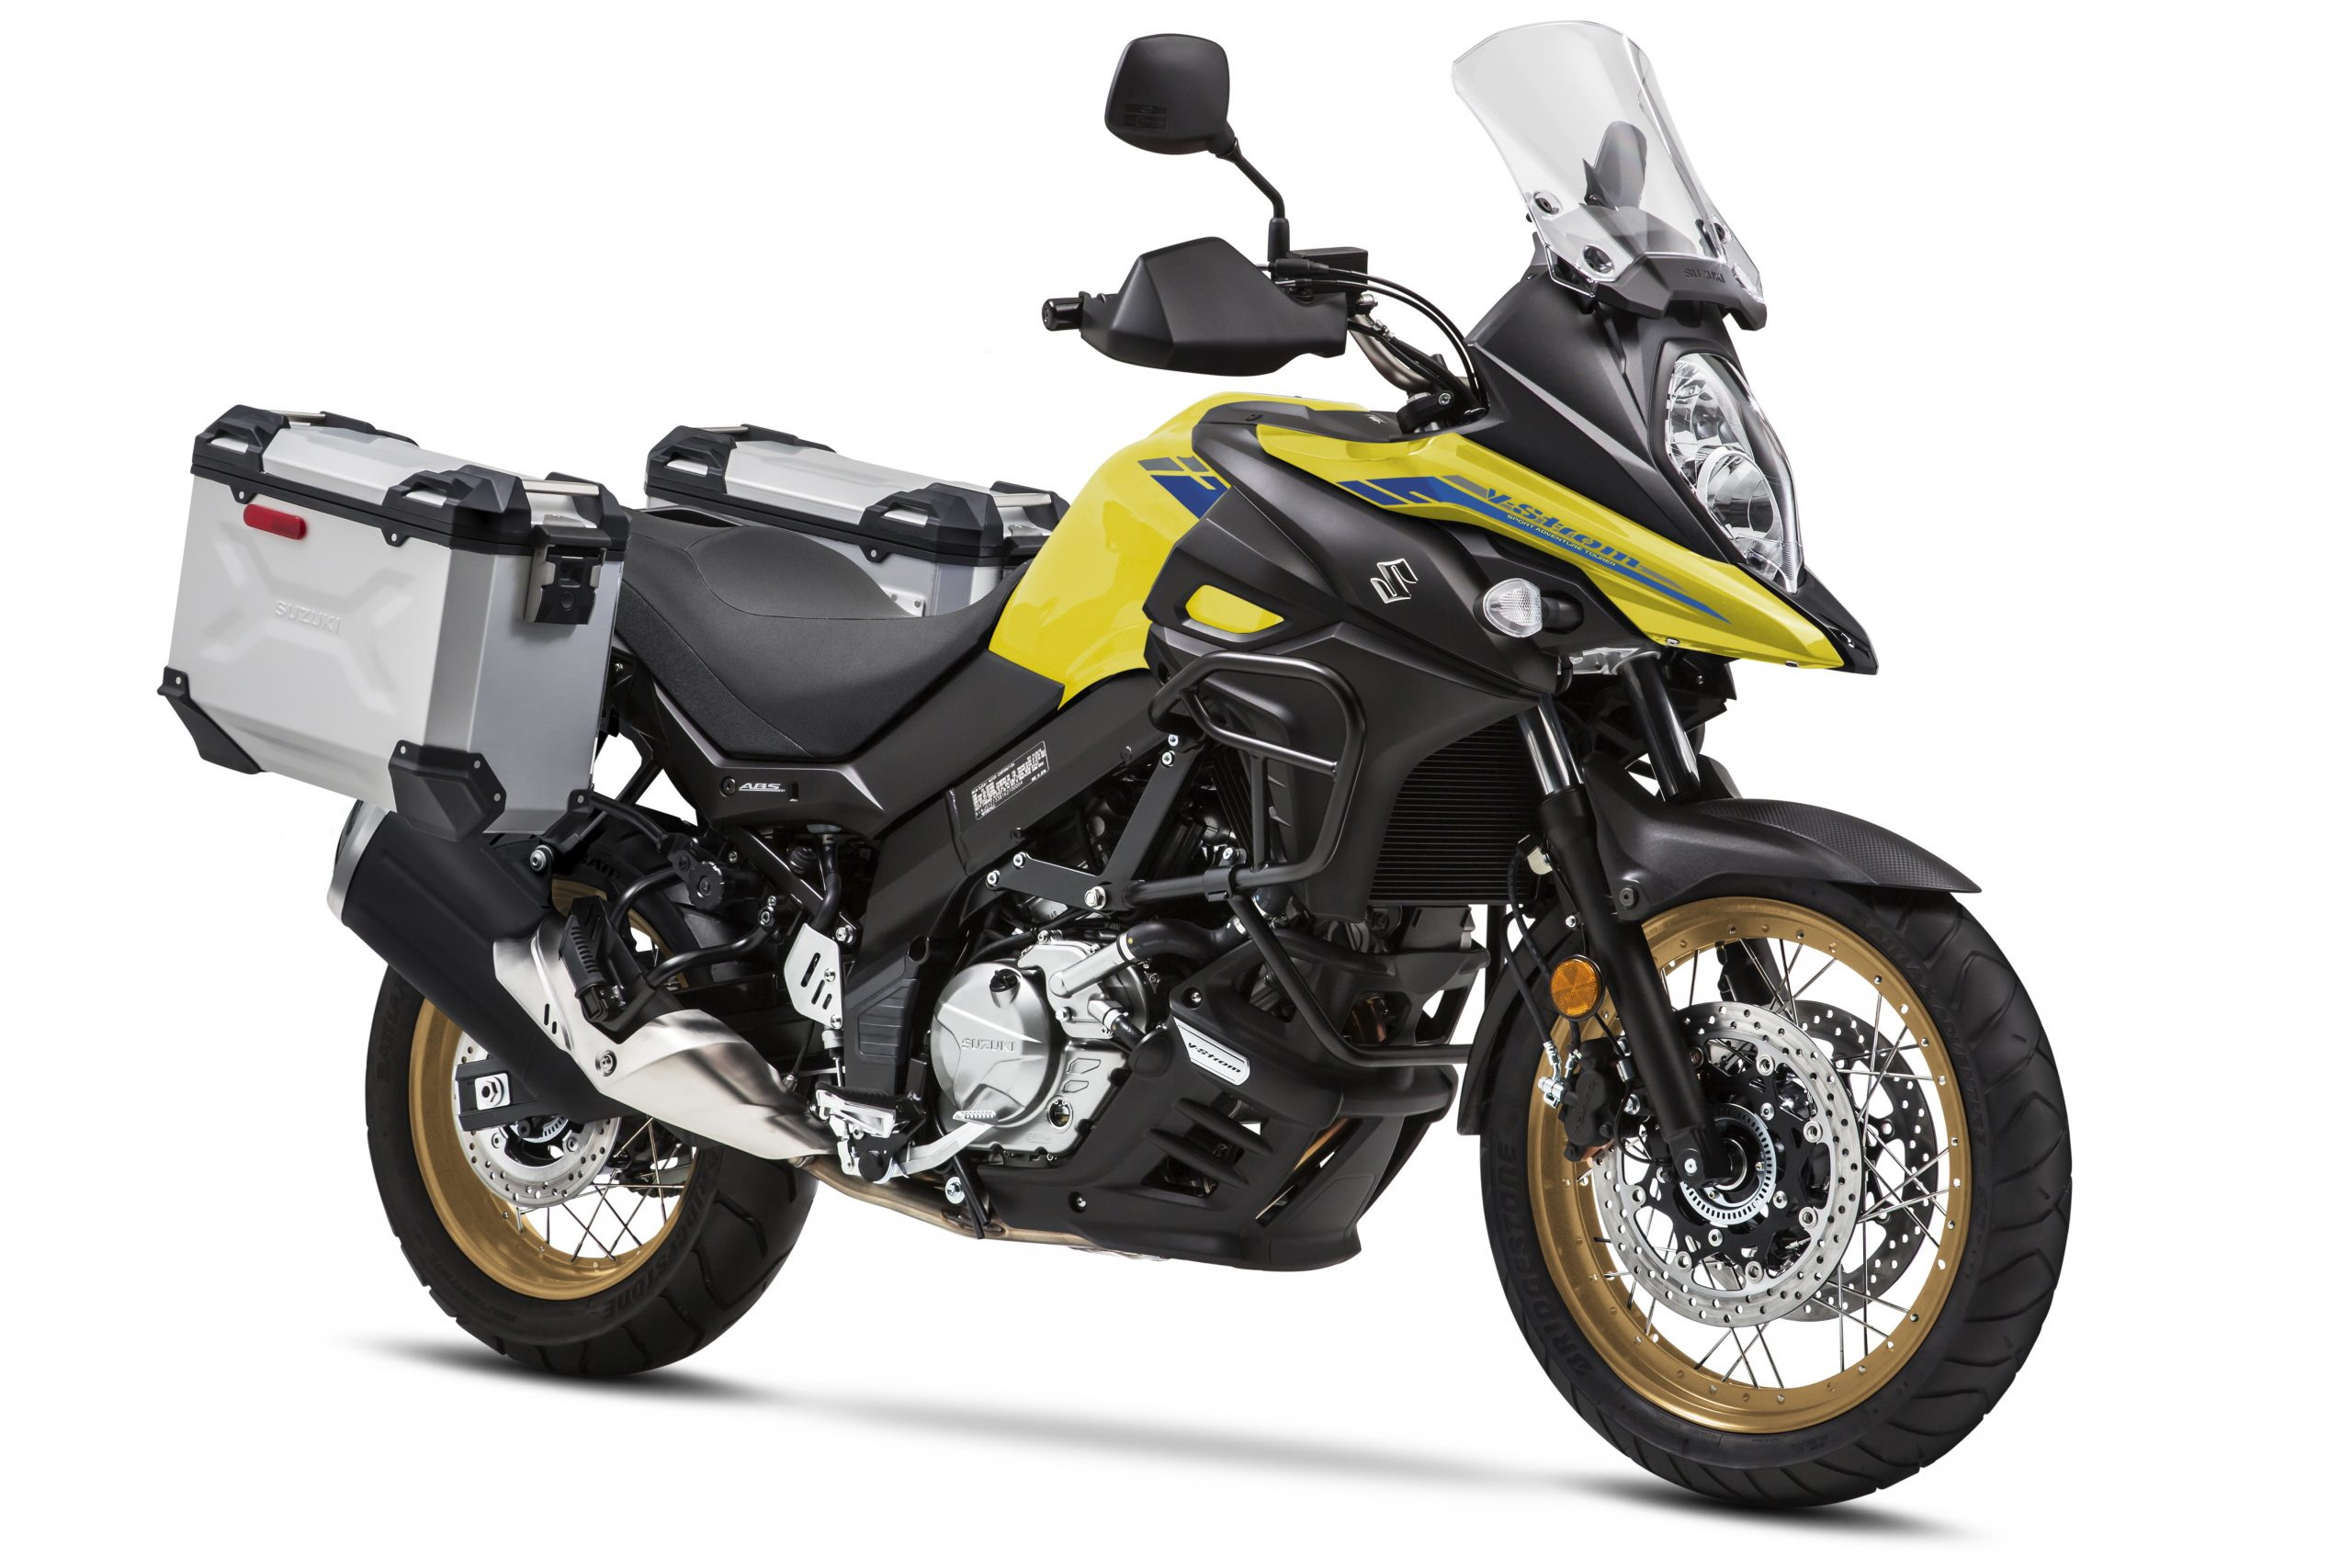 2021 Suzuki V-Strom 650XT Adventure